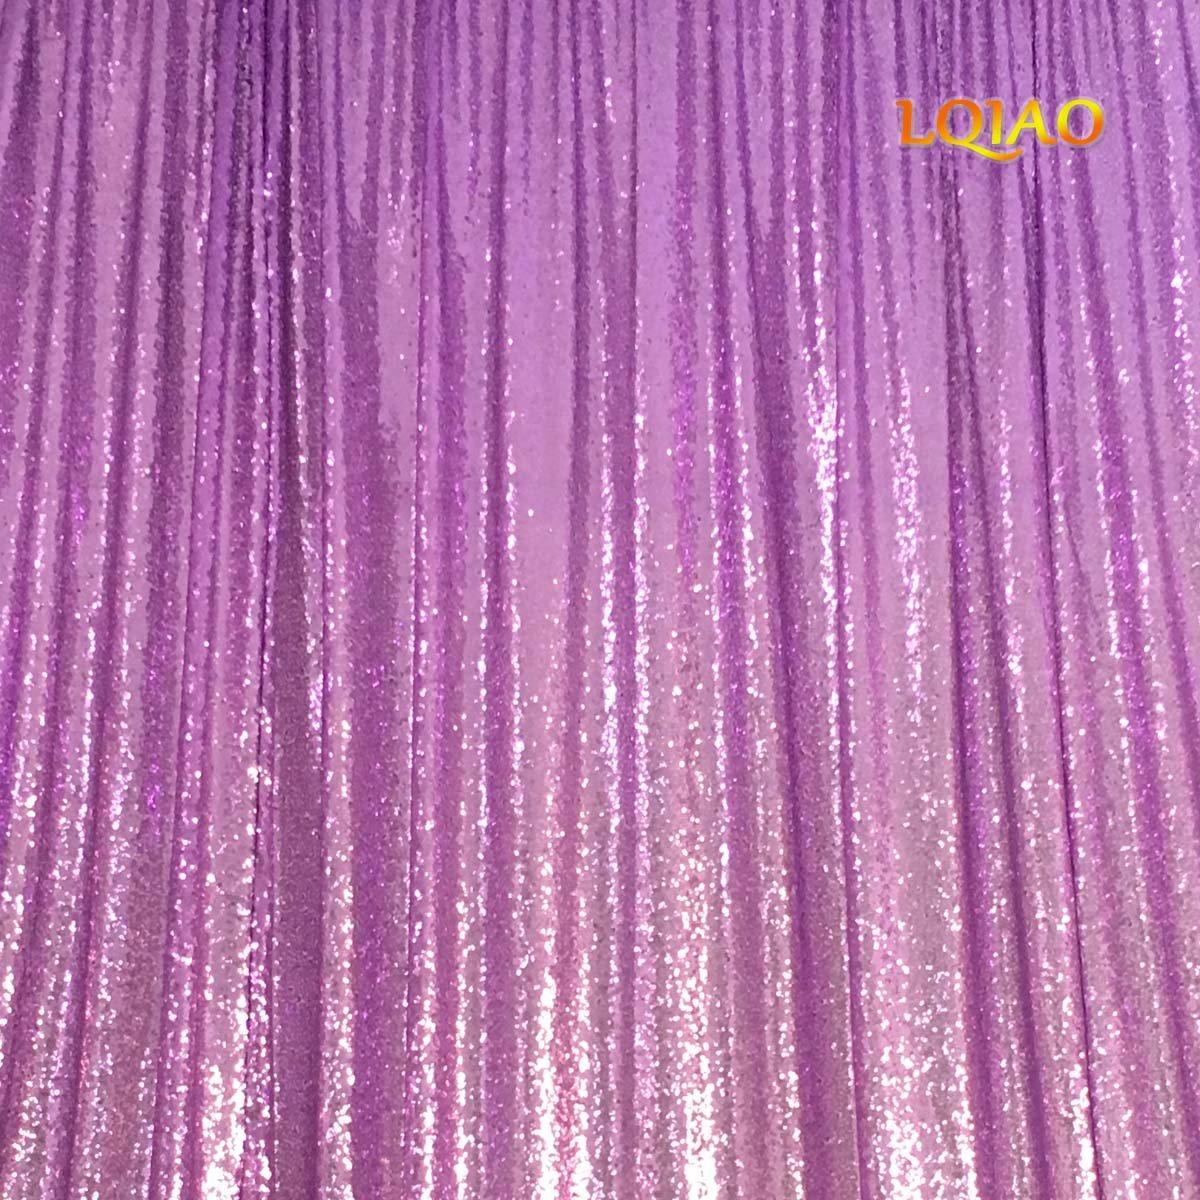 LQIAO 10 x 10フィート ライラック スパンコール 写真 背景 スパンコール 写真撮影 背景幕 結婚式/パーティー/ホーム/ベビーシャワー/誕生日装飾用   B07GP8Z12Q